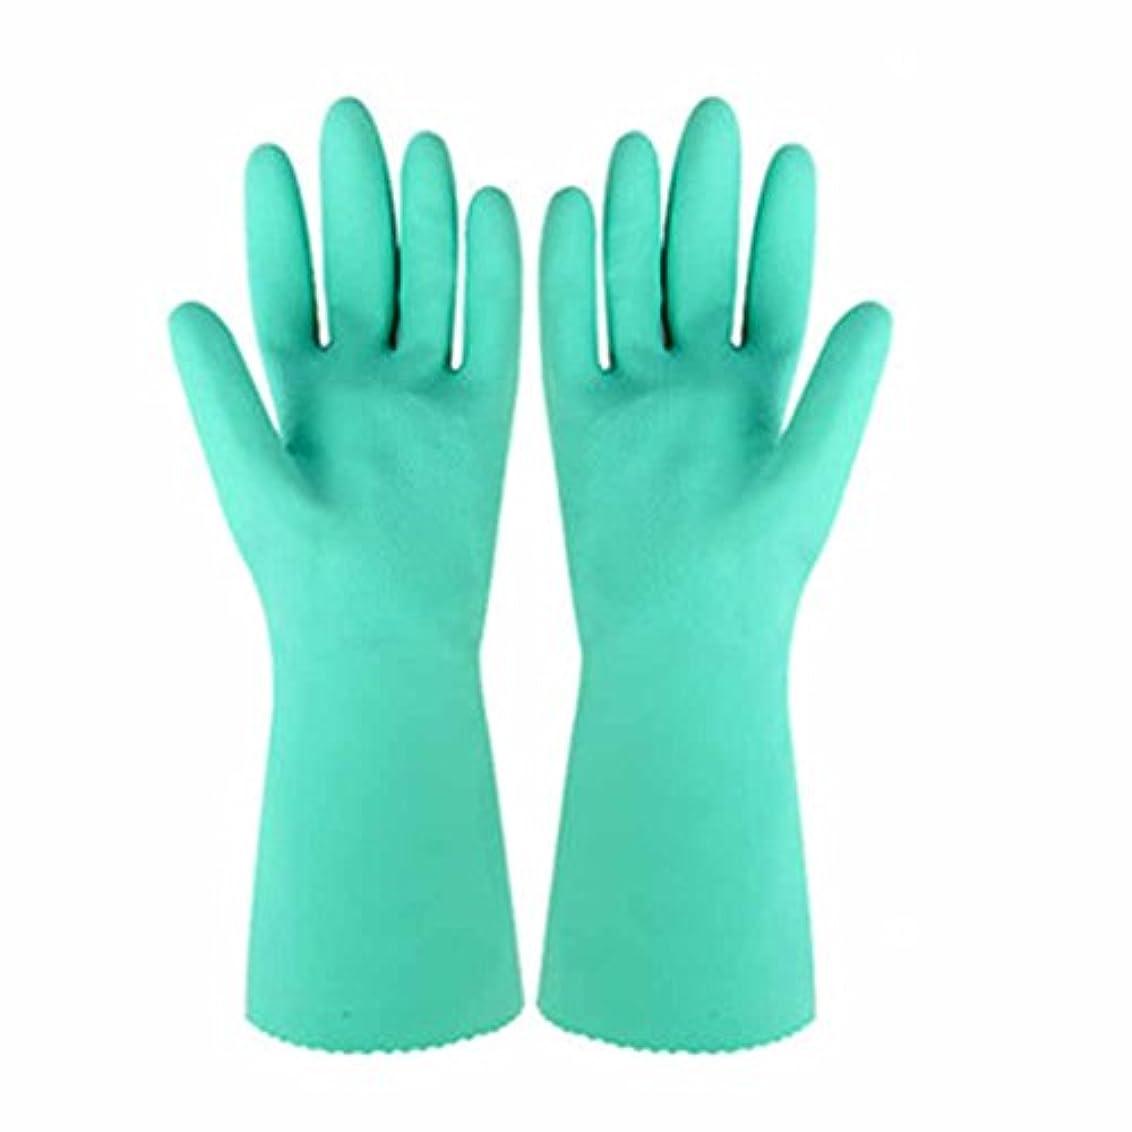 スイ取り除くディレクター使い捨て手袋 天然ゴム滑り止め耐久手袋キッチン多機能防水アンチオイル手袋 (Size : Four)